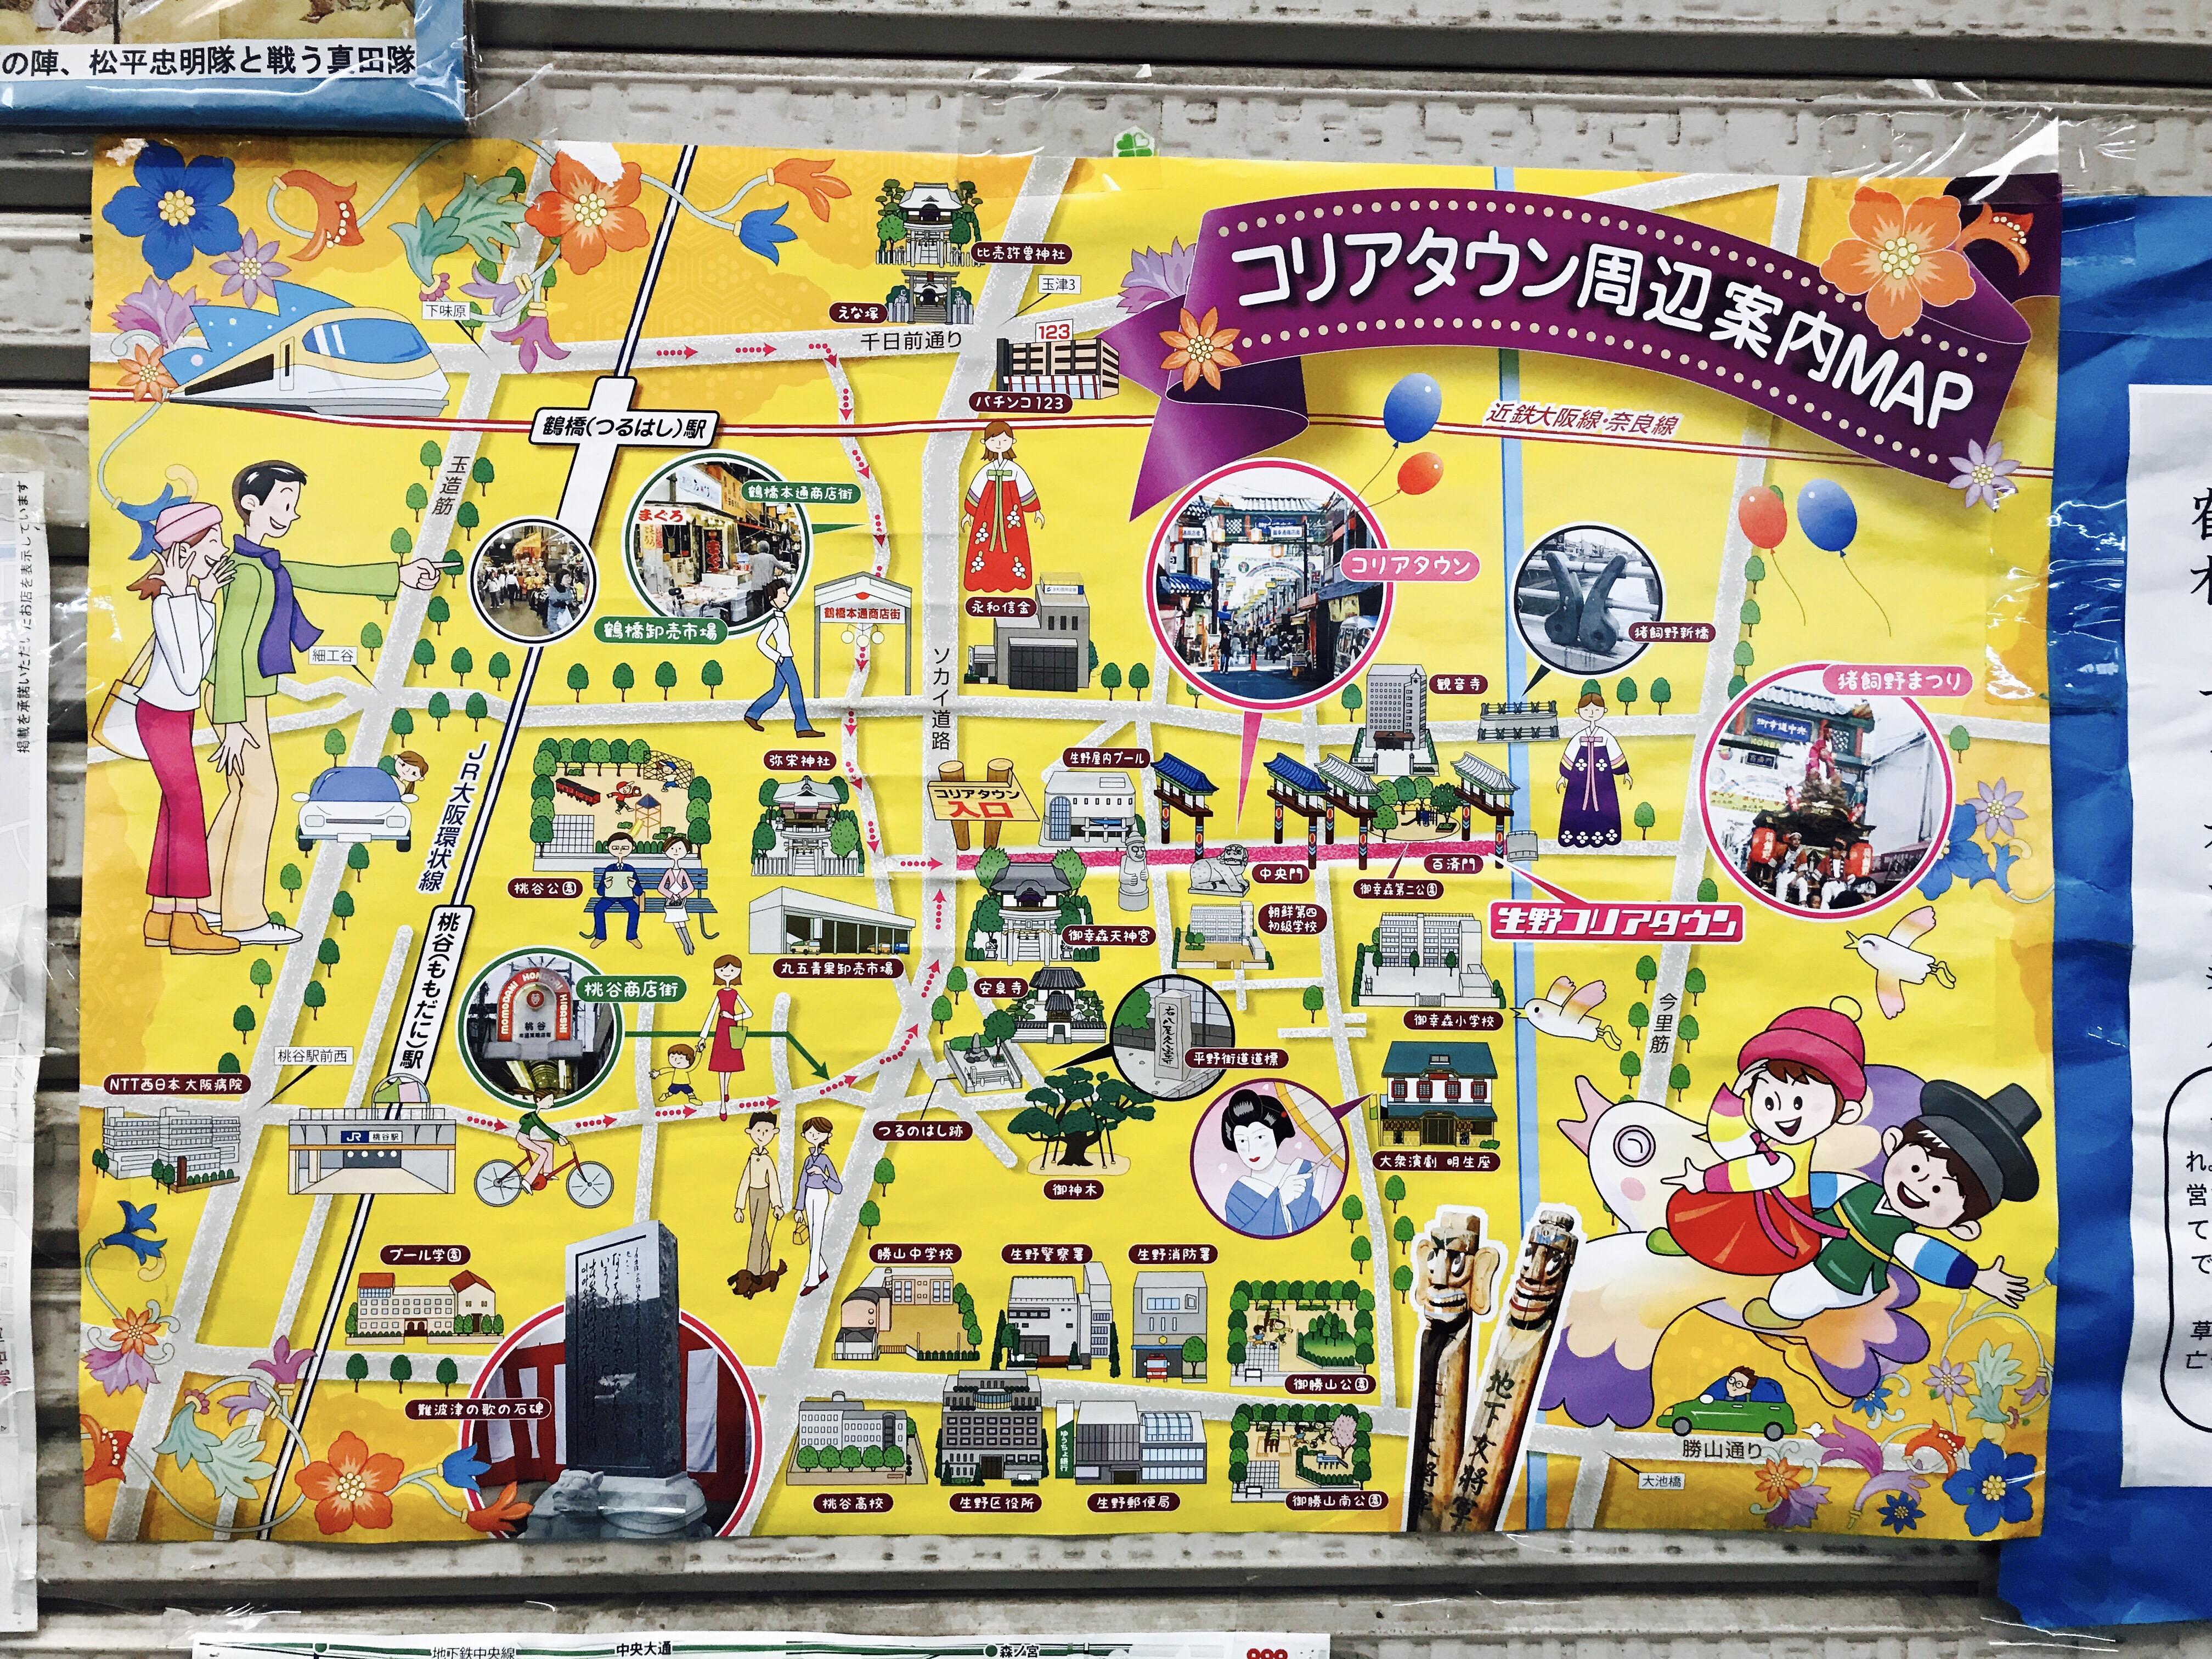 大阪 鶴橋コリアンタウンの地図